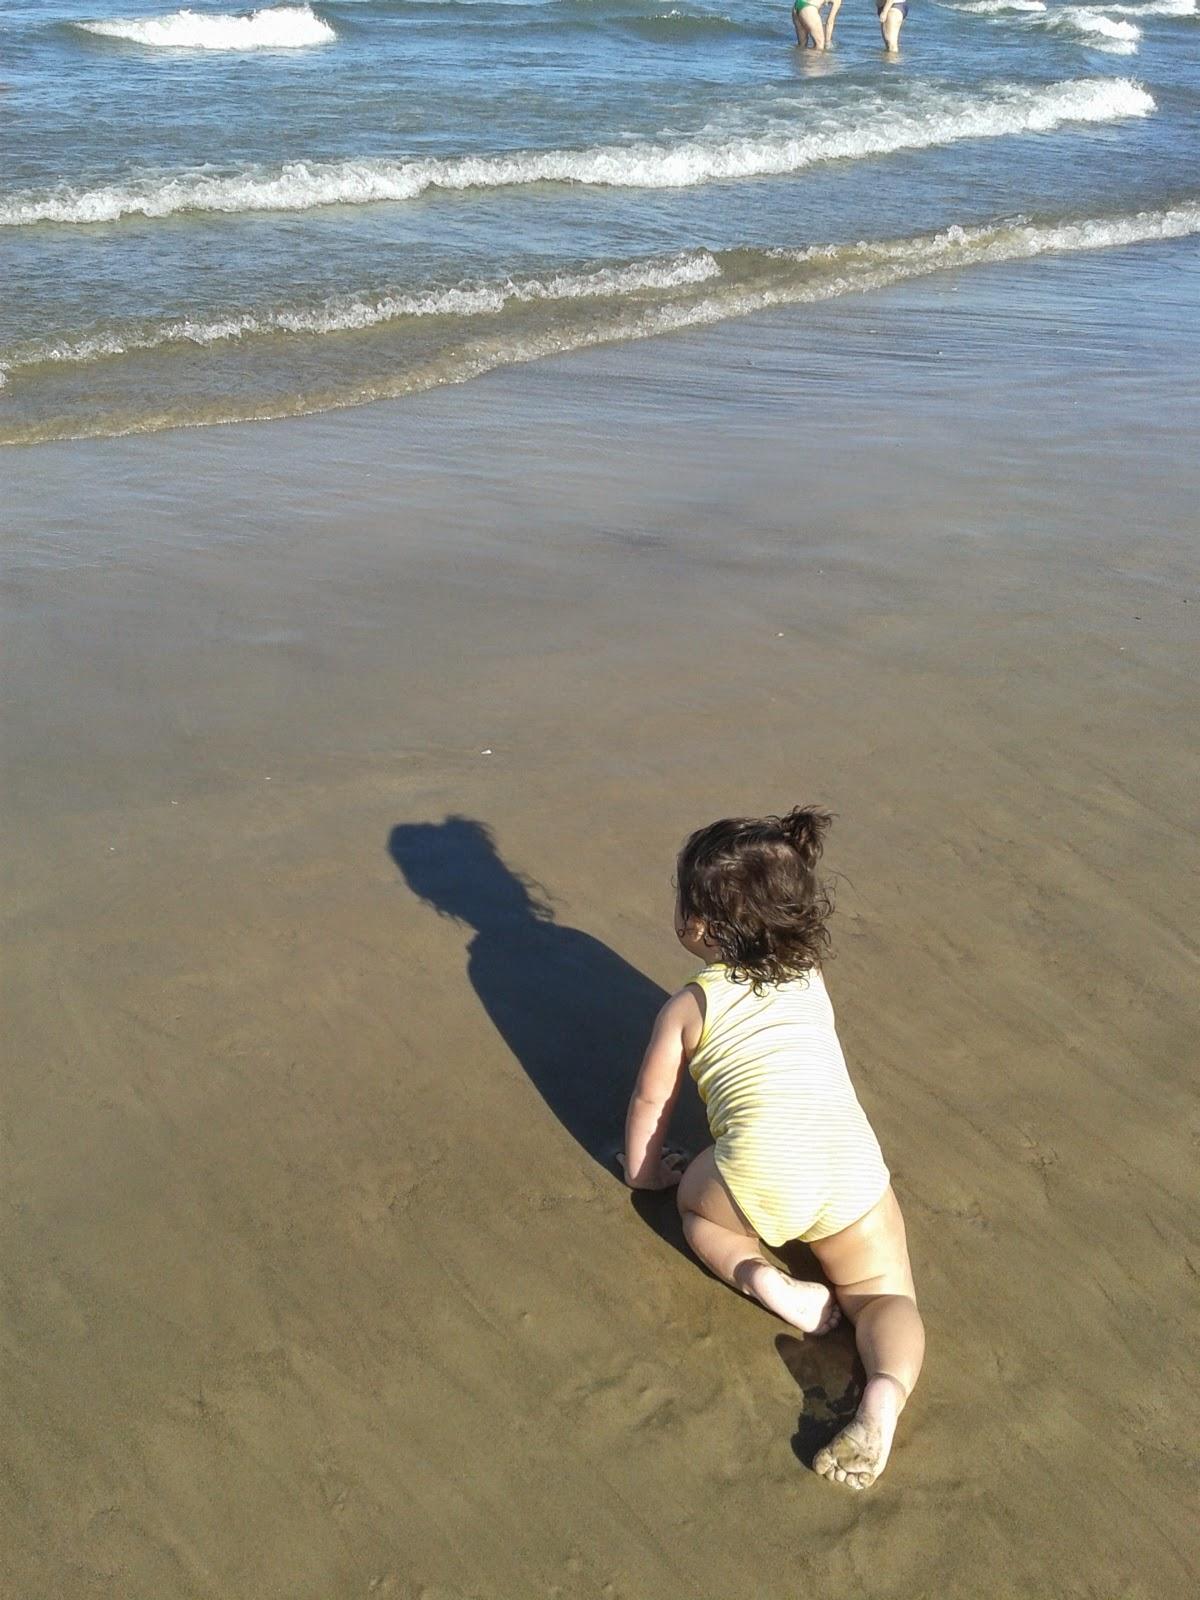 viajar-com-bebes-para-praia